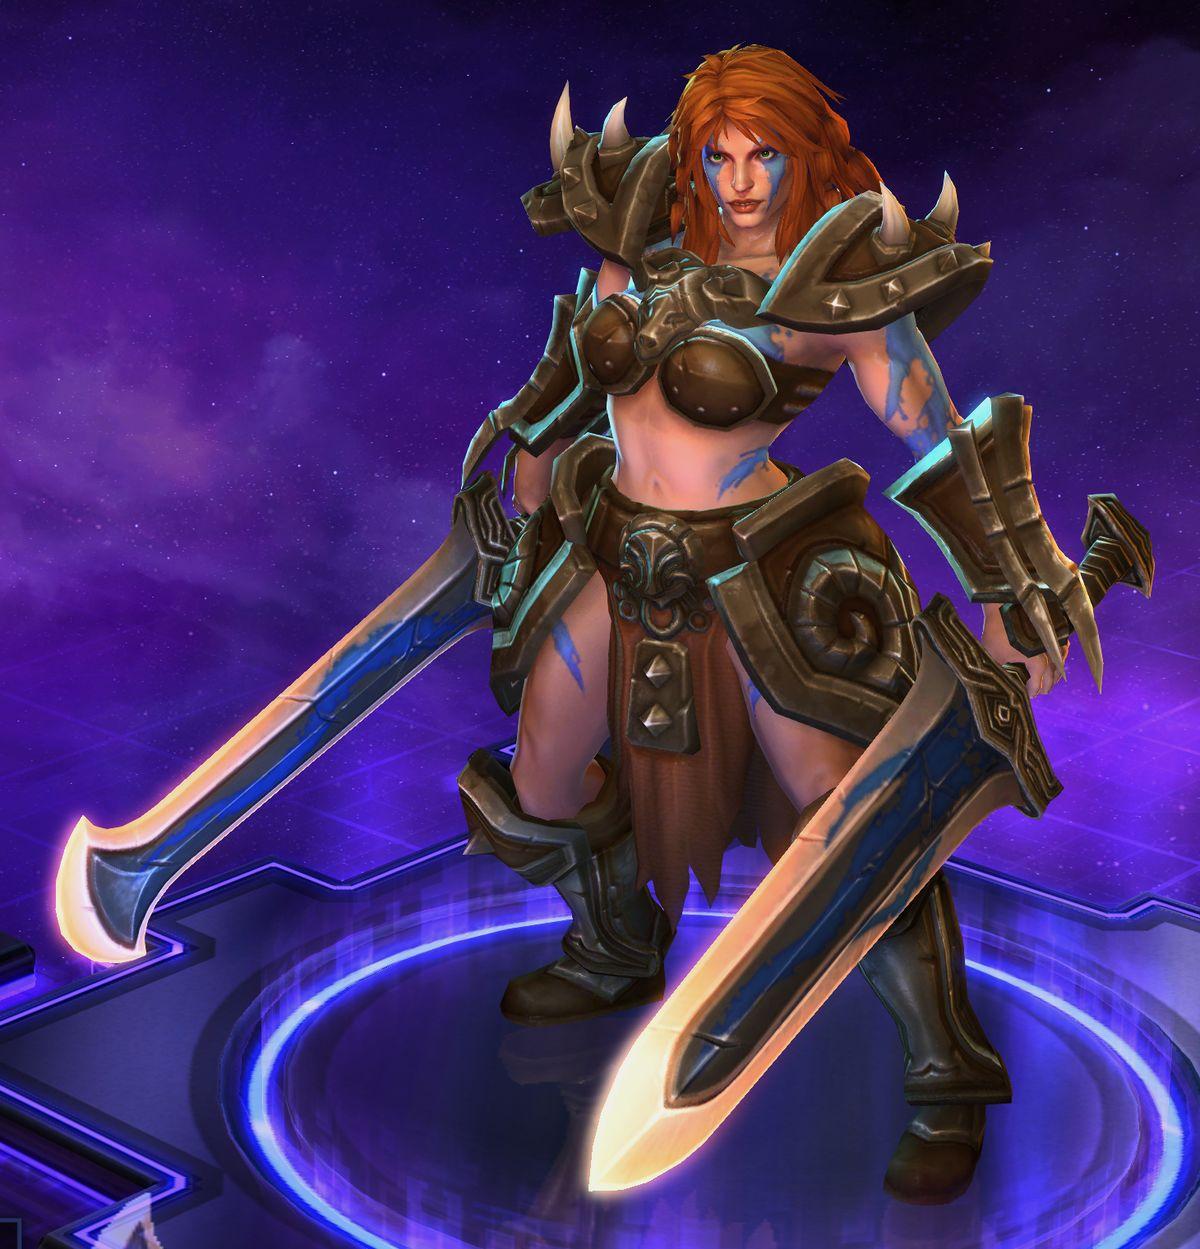 Sonya Heroes Of The Storm